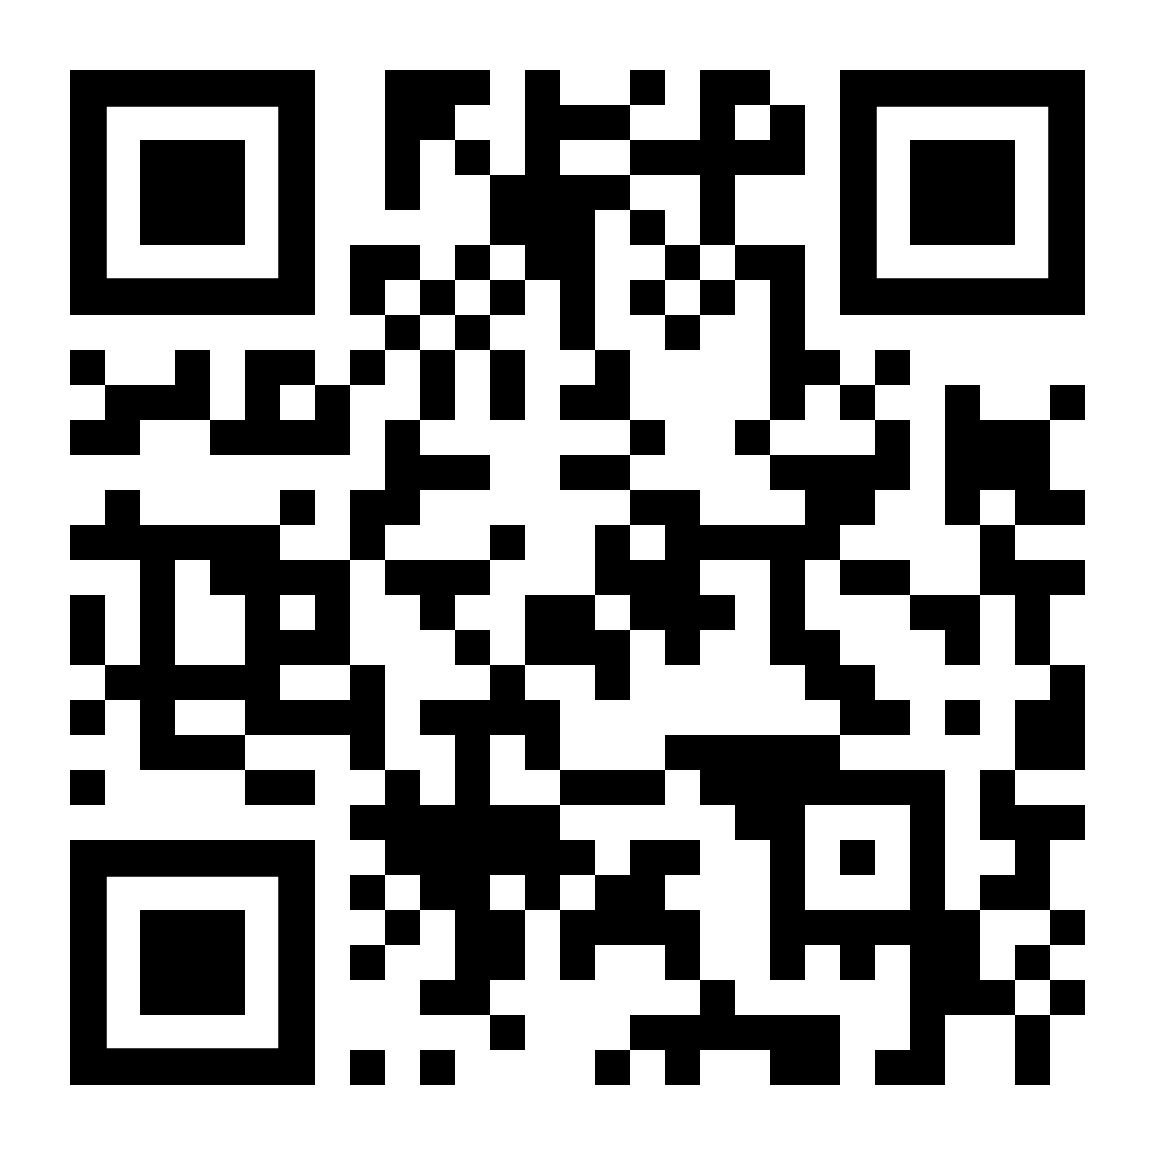 grababoostofblue.com